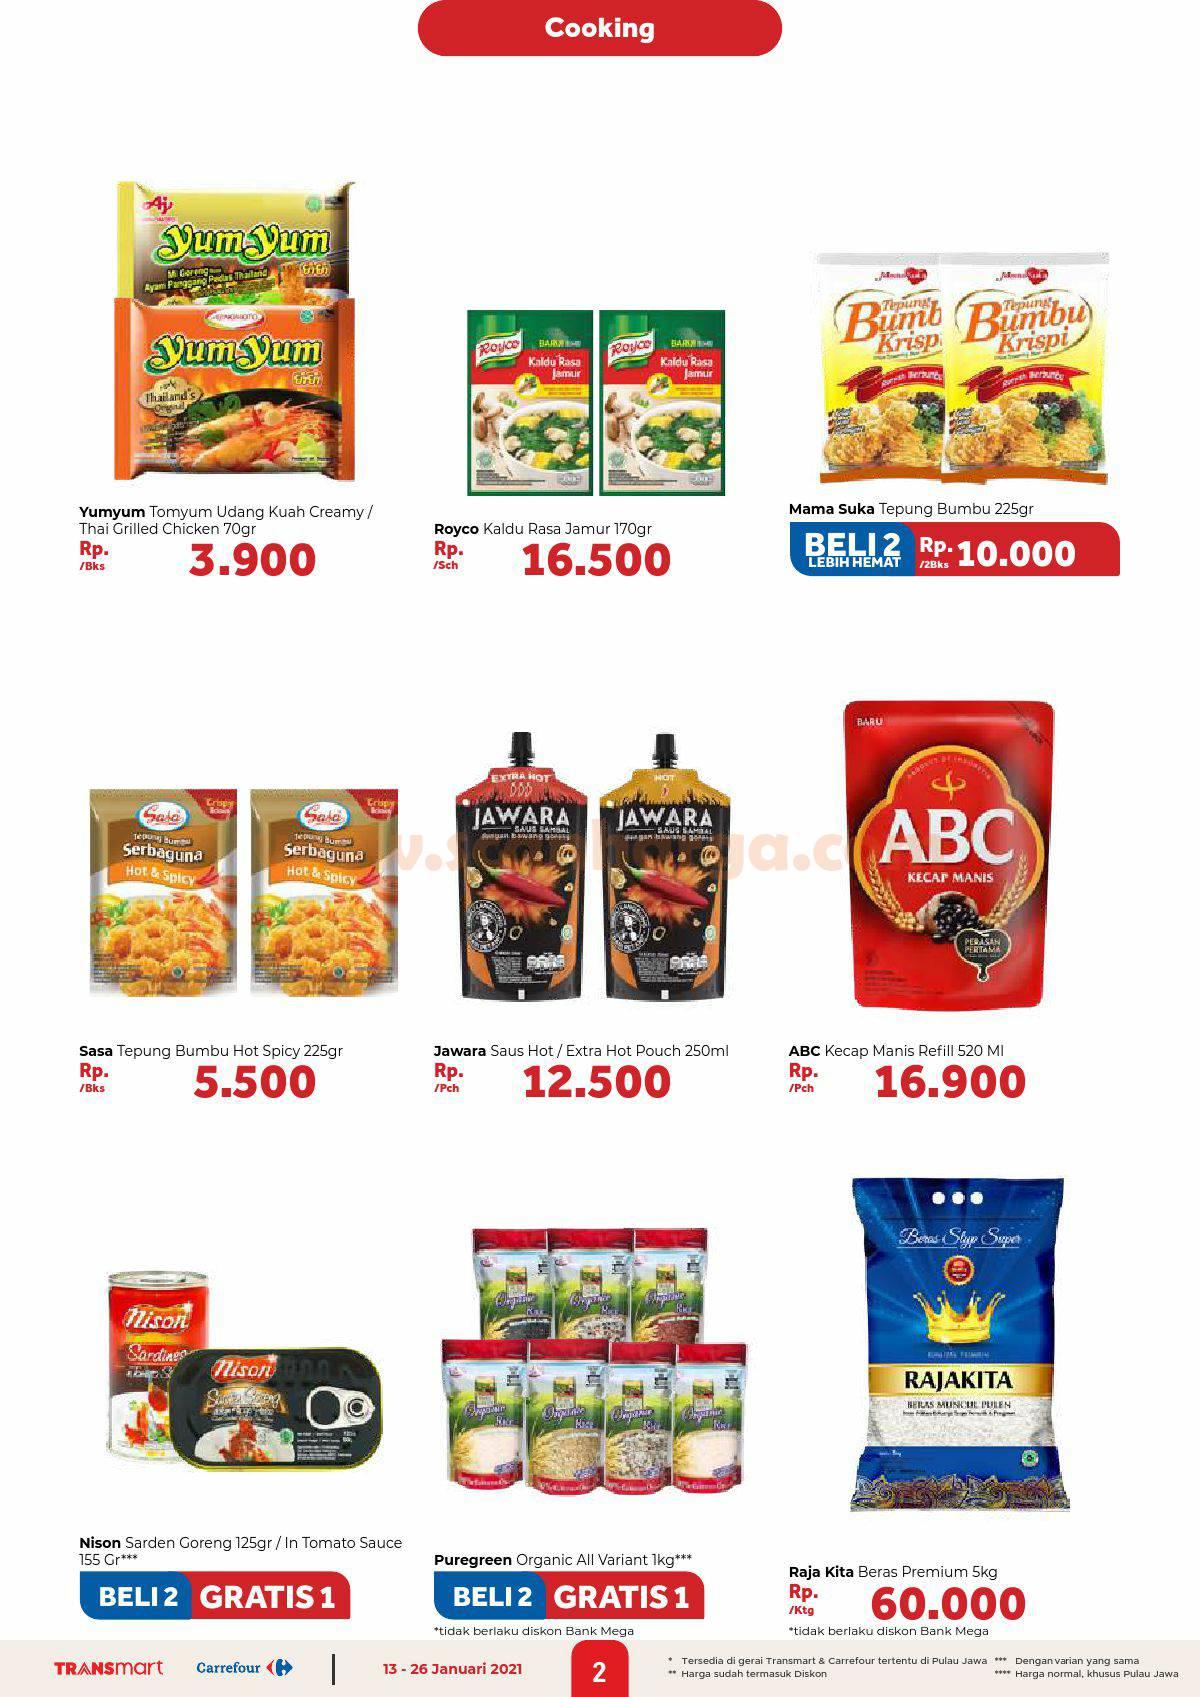 Katalog Promo Carrefour Transmart 13 - 26 Januari 2021 2